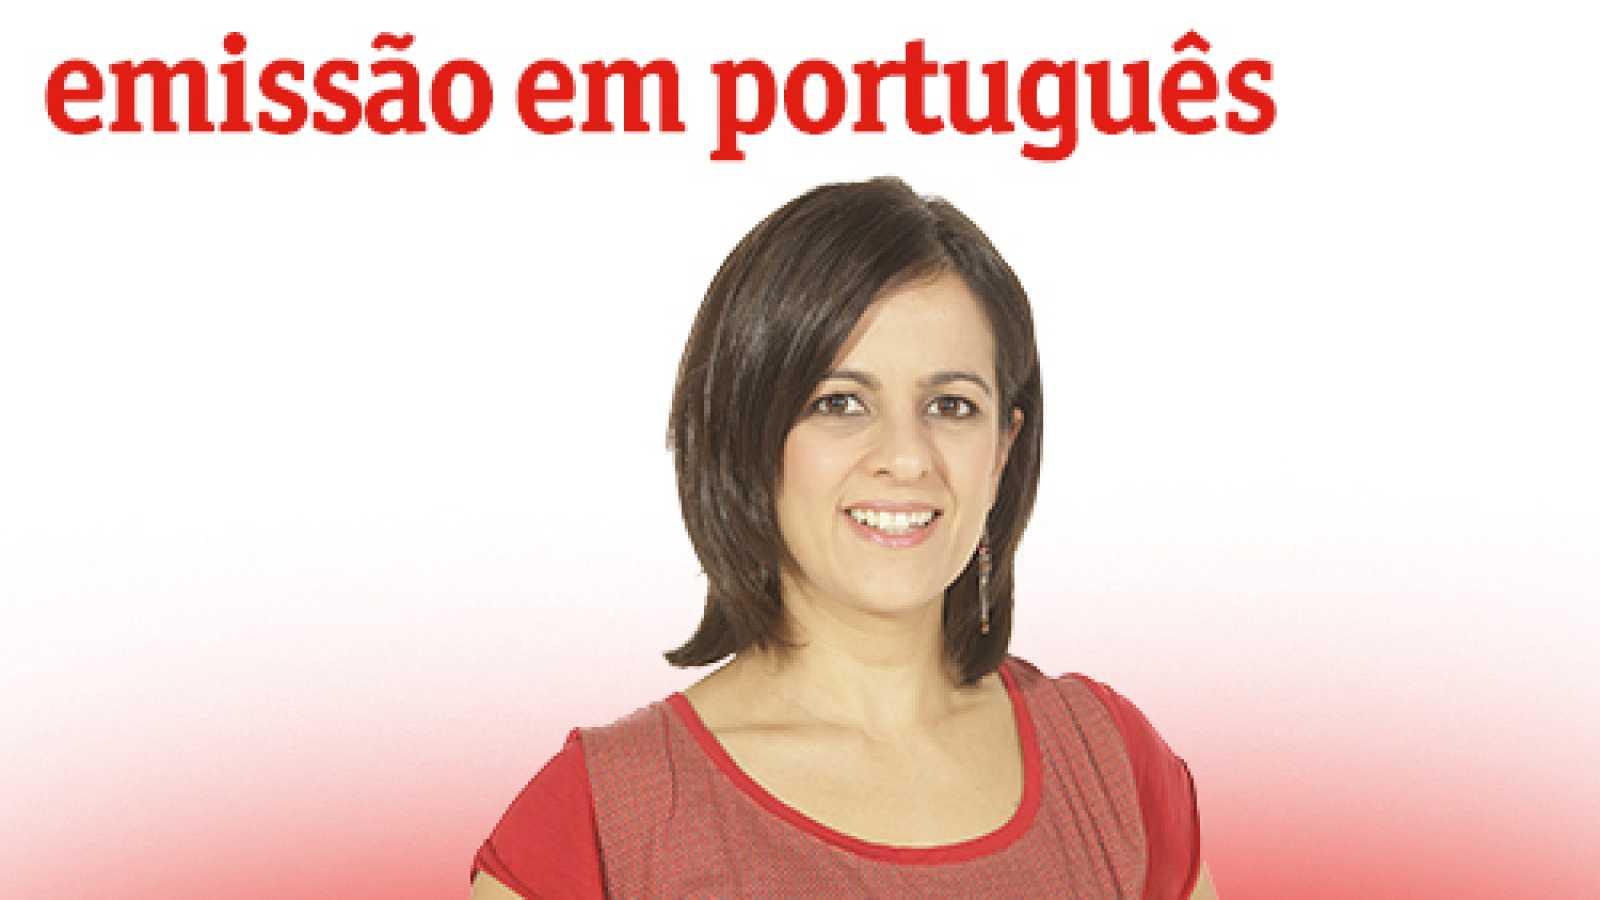 Emissão em português - Com humor ou até poesia, intérpretes cantam os tempos do coronavírus - 13/03/20 - escuchar ahora